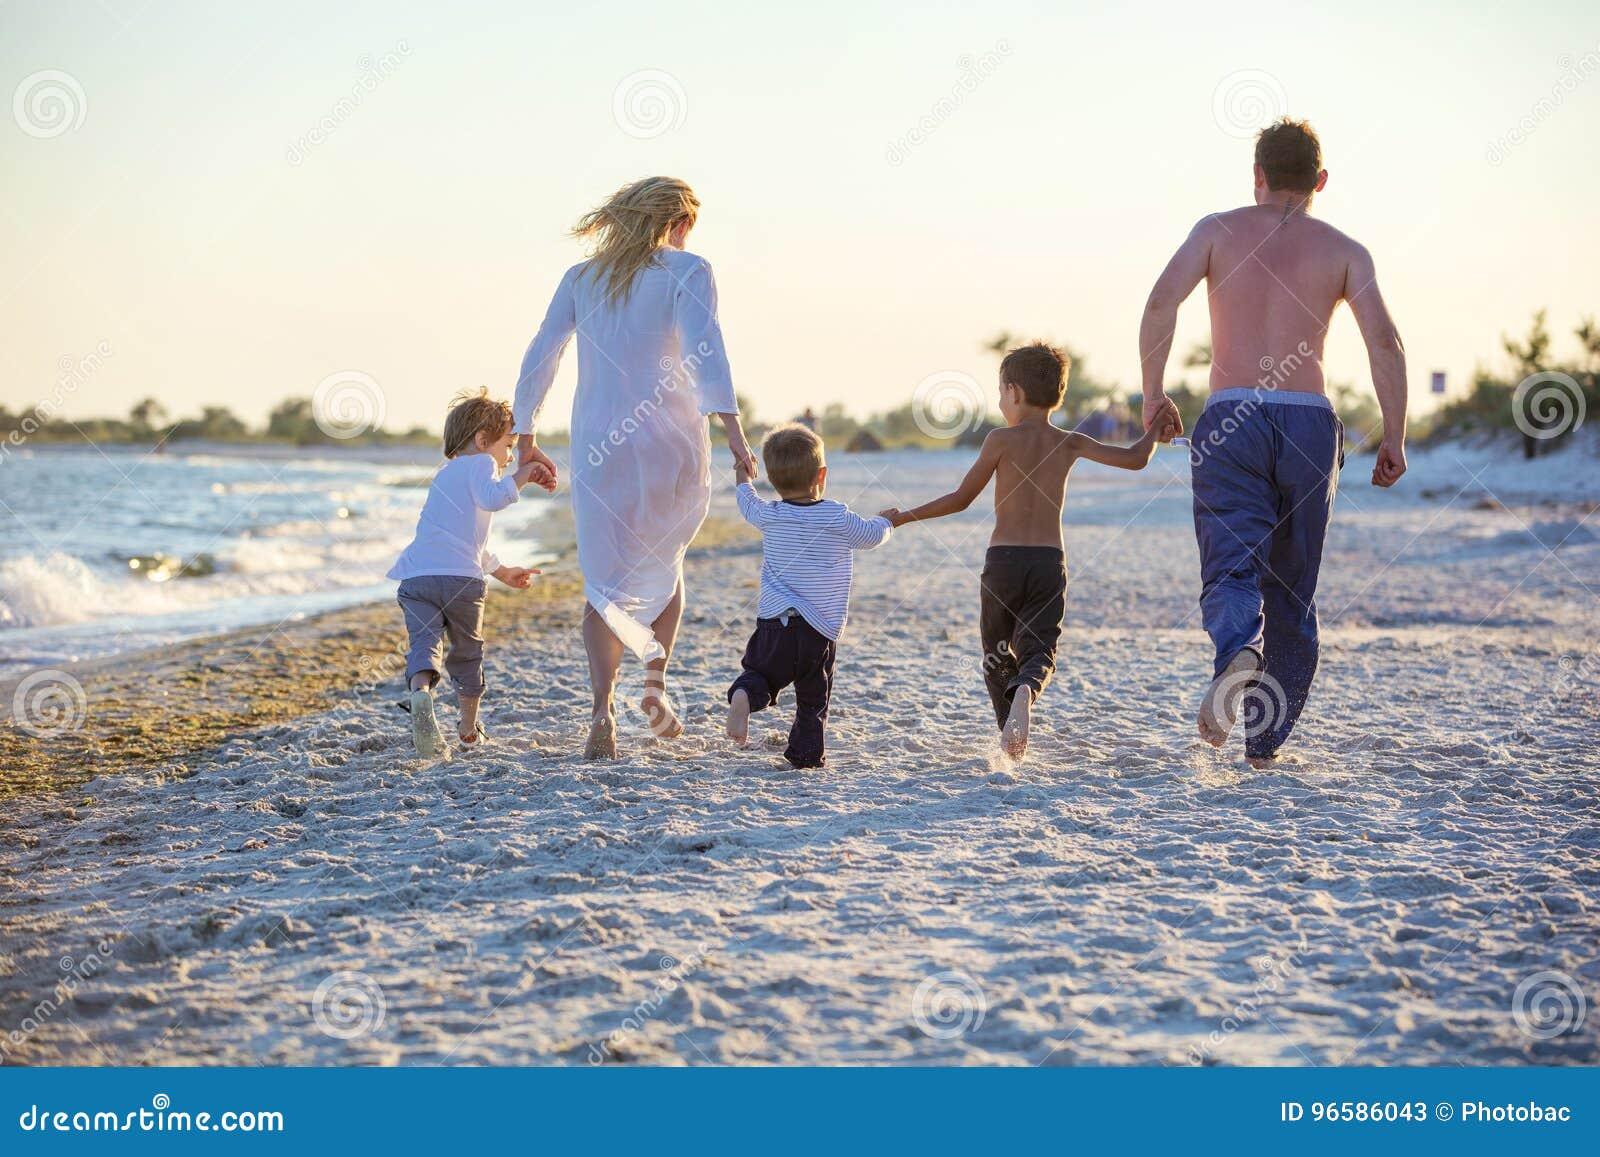 Ευτυχής νέα οικογένεια που τρέχει στην παραλία πριν από το ηλιοβασίλεμα